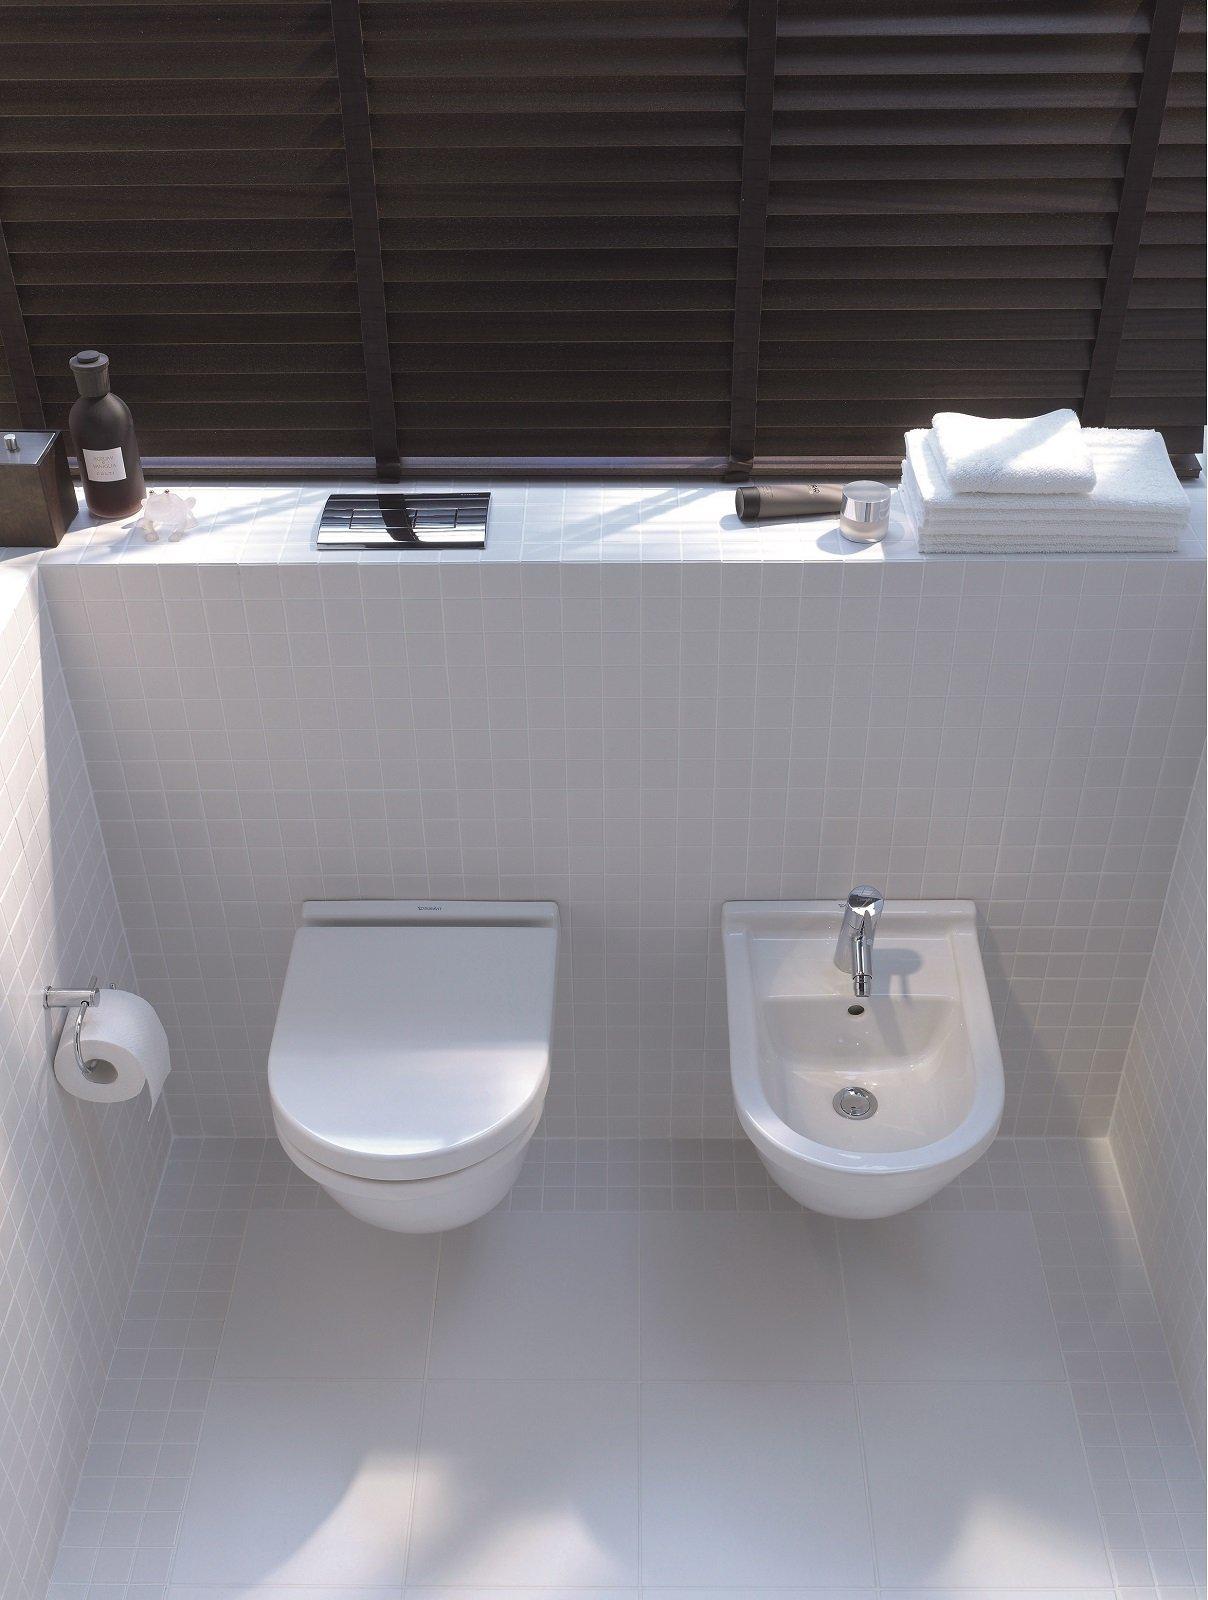 Eleganti vasi e bidet in stile minimal i sanitari salvaspazio - Sanitari bagno dimensioni ...